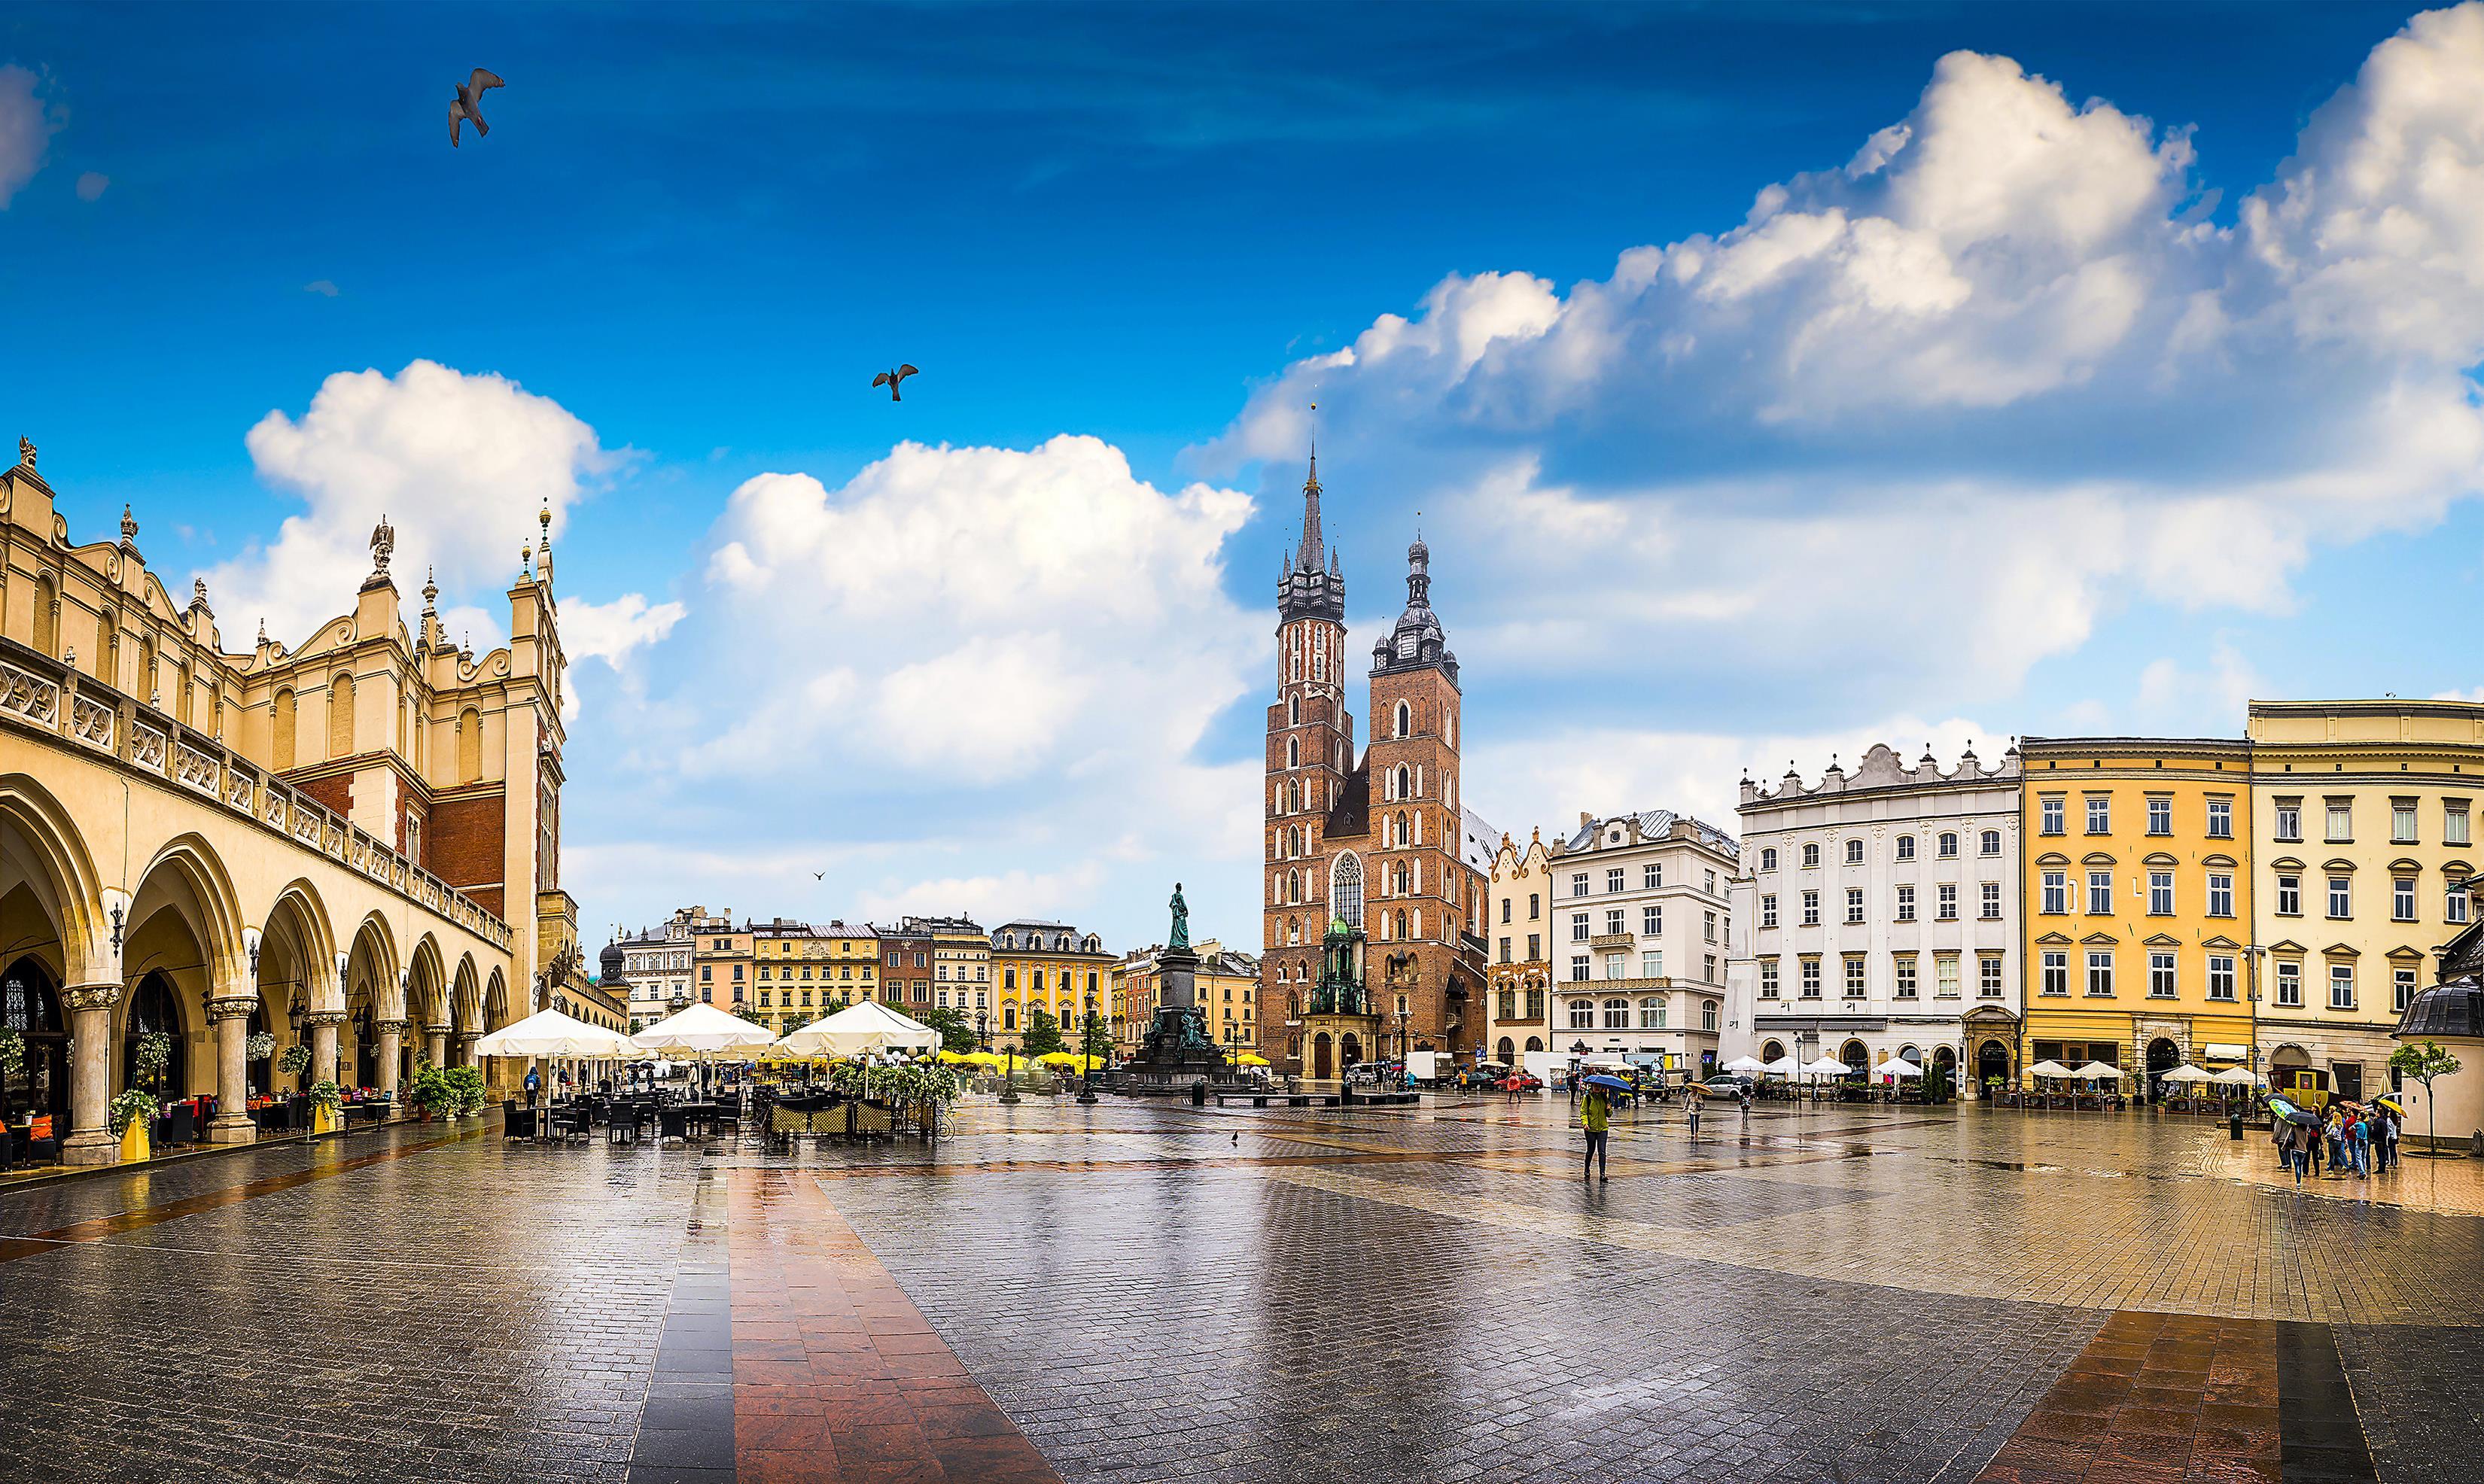 Královské město Krakov je druhé nejlidnatější město v Polsku